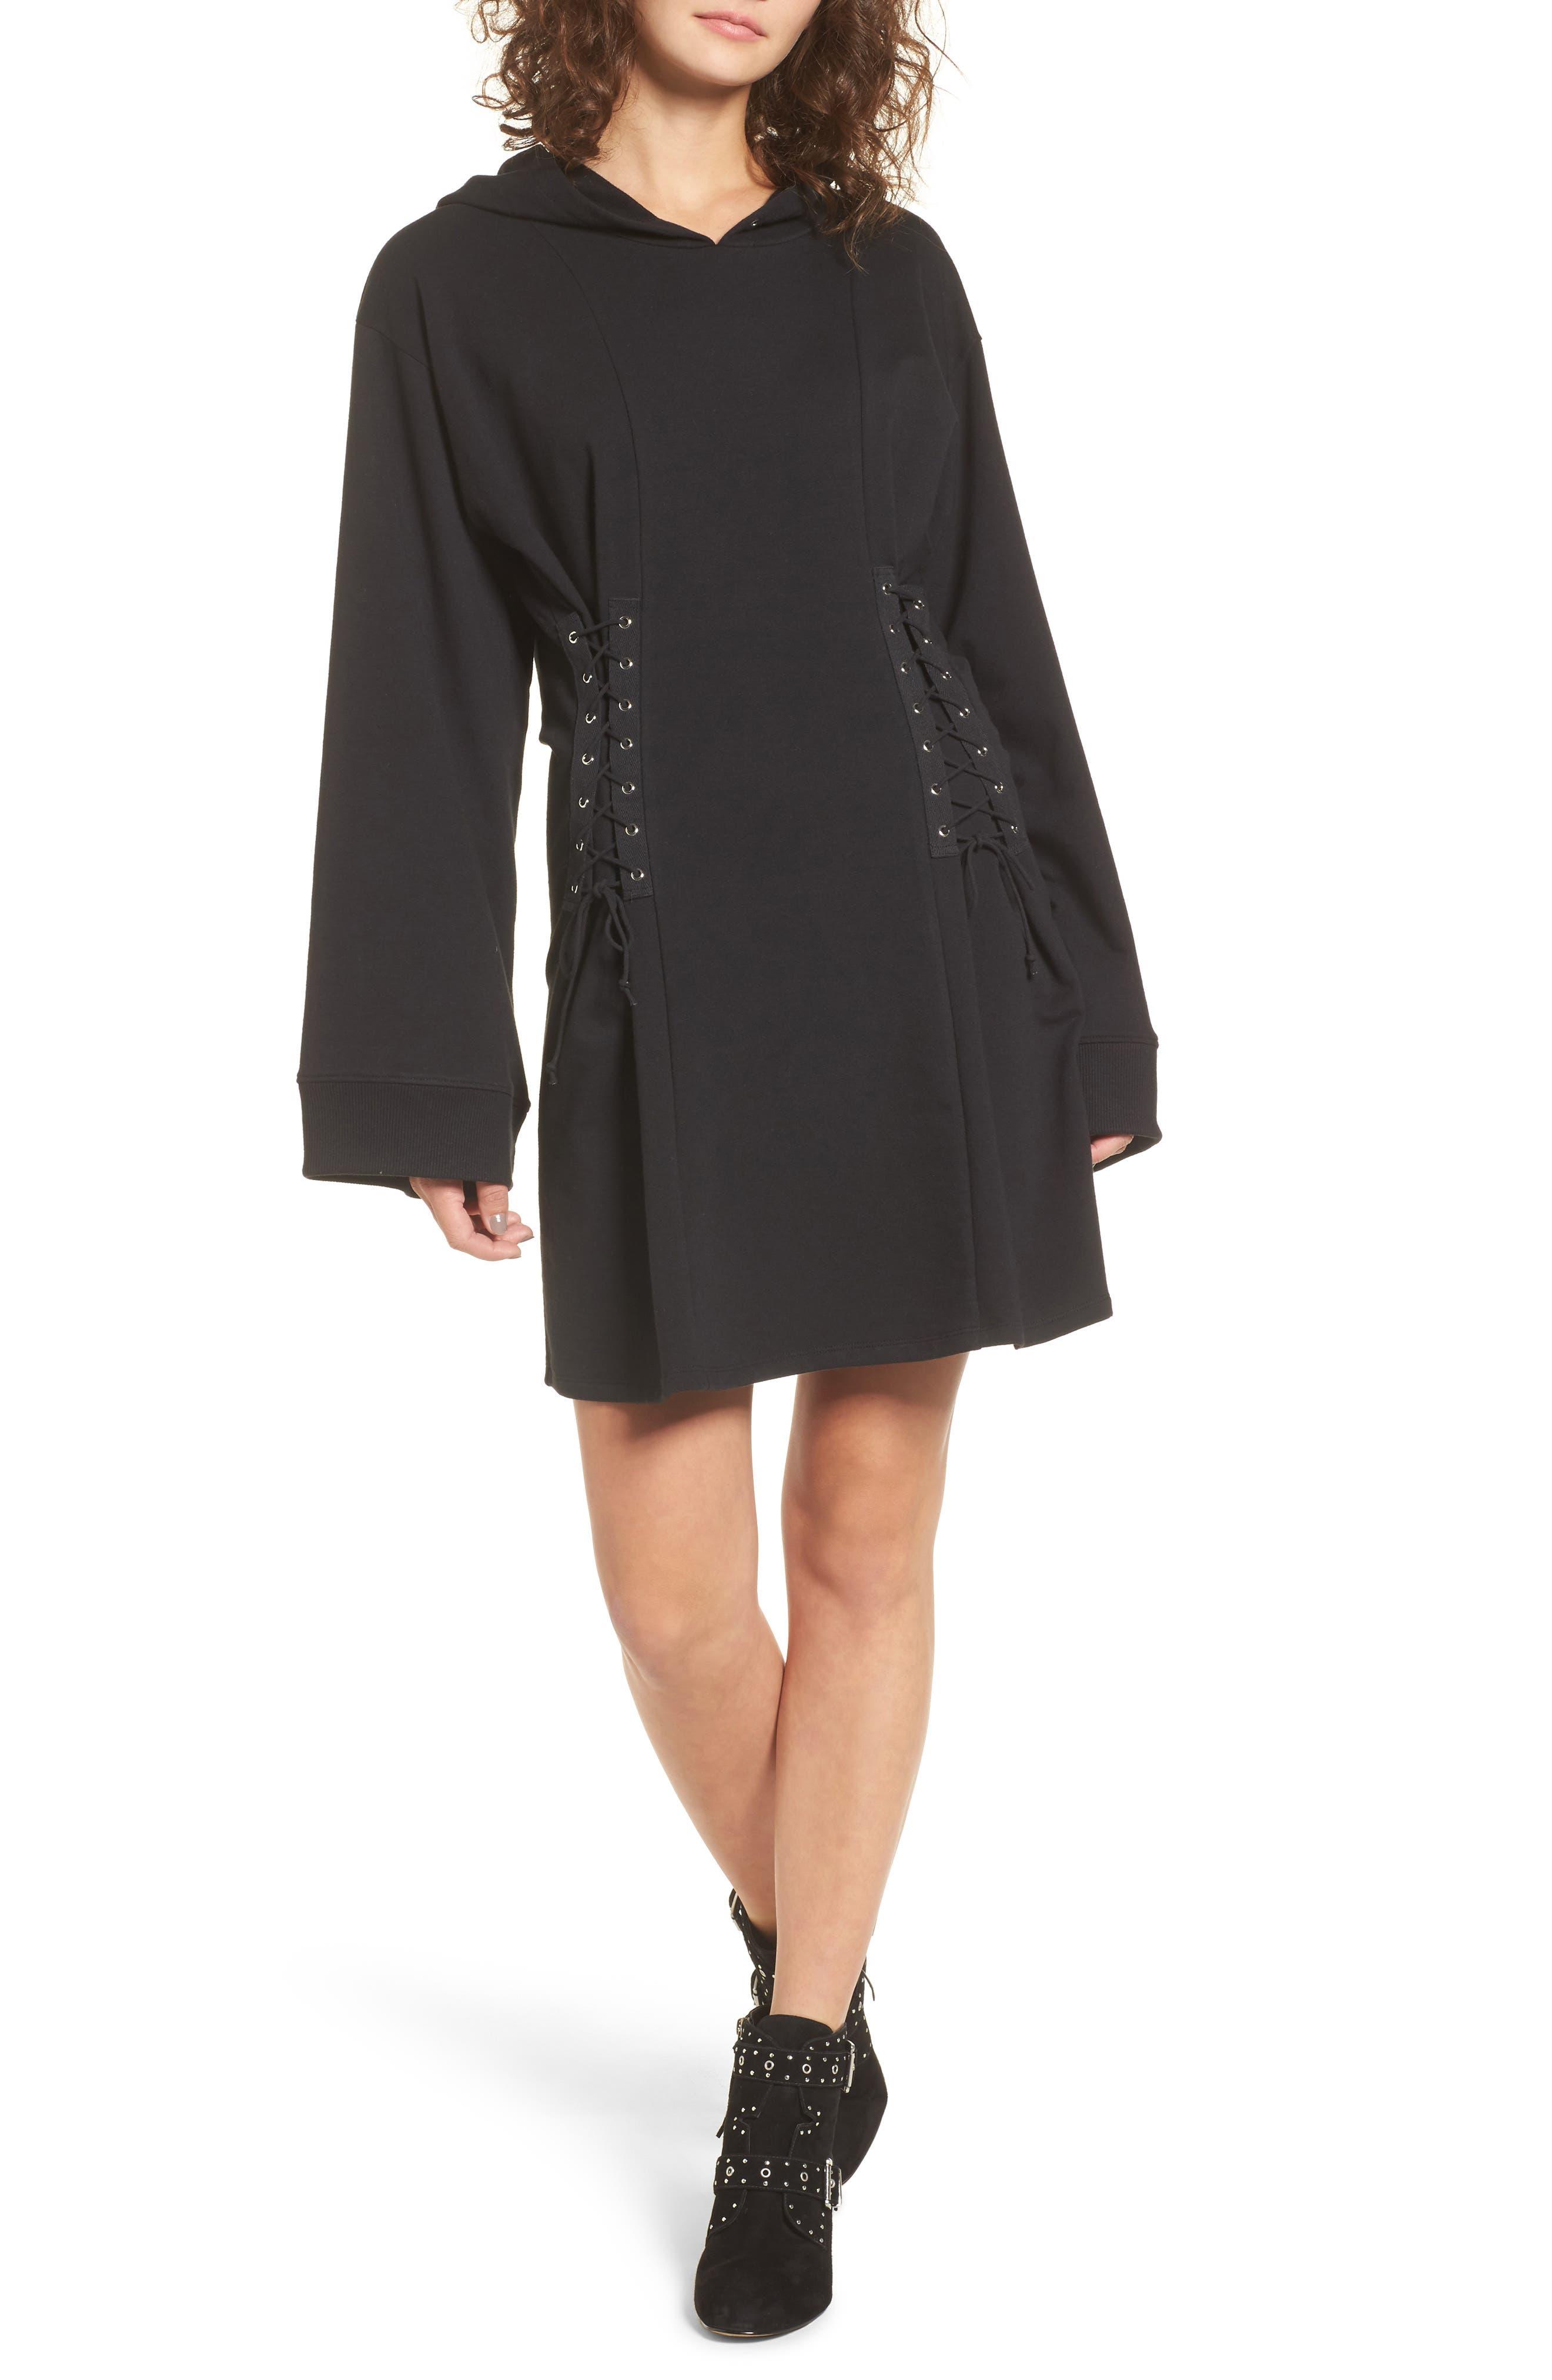 Corset Hoodie Sweatshirt Dress, Main, color, 001